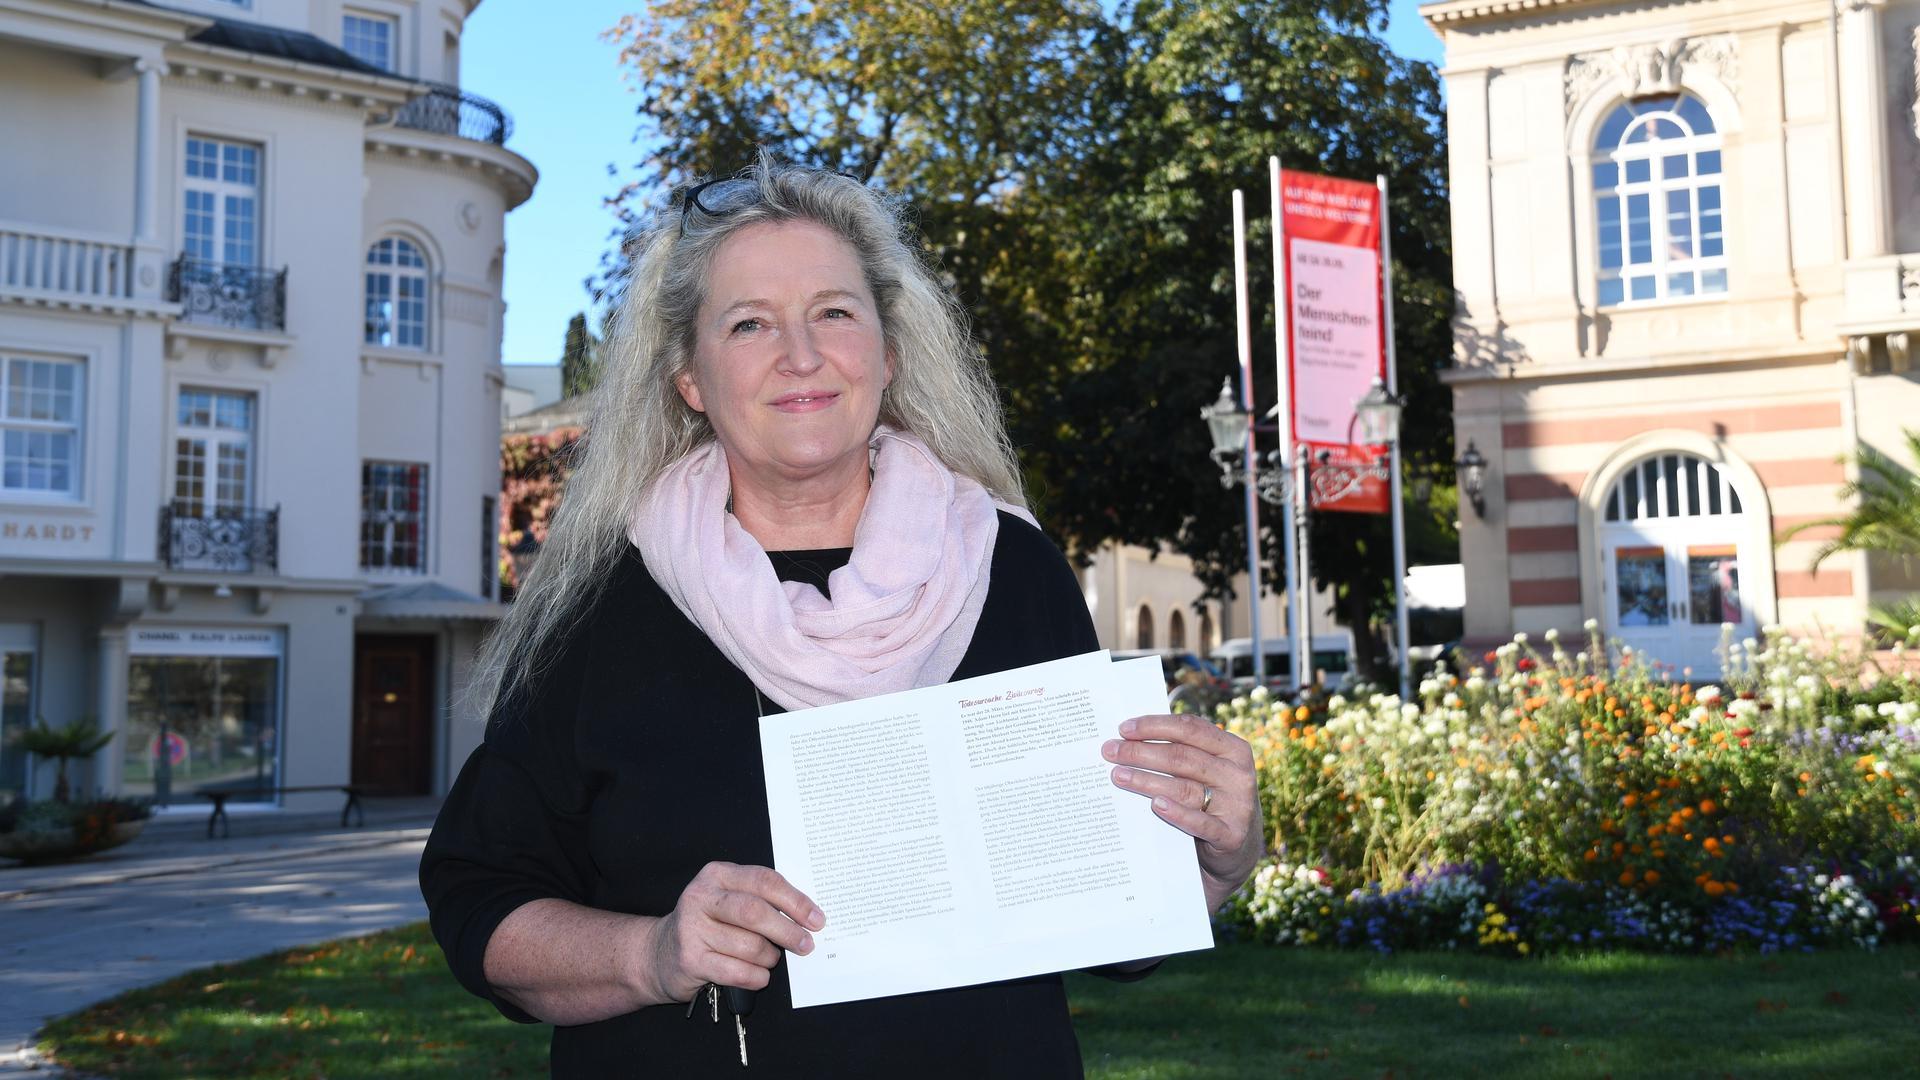 Die Buchautorin Christiane Krause-Dimmock hält die ersten Seiten ihres neuen Buches hoch.